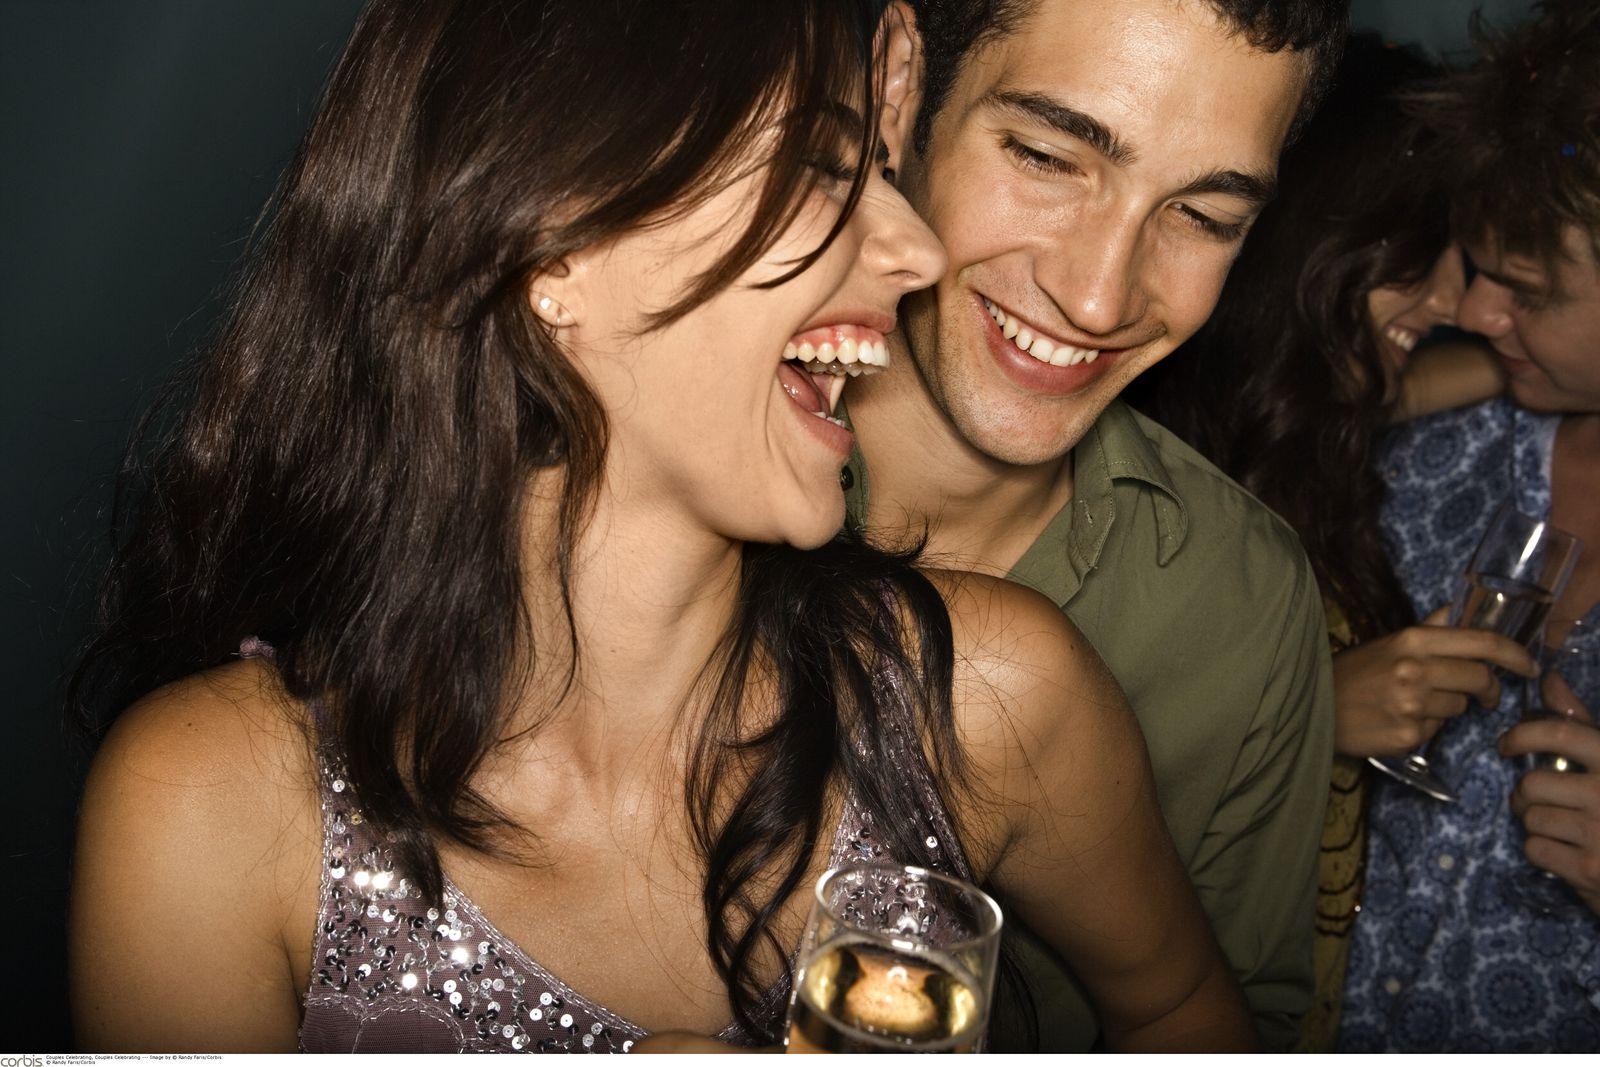 NICHT MEHR VERWENDEN! - Symbolbild Party / Spassgesellschaft / Flirt